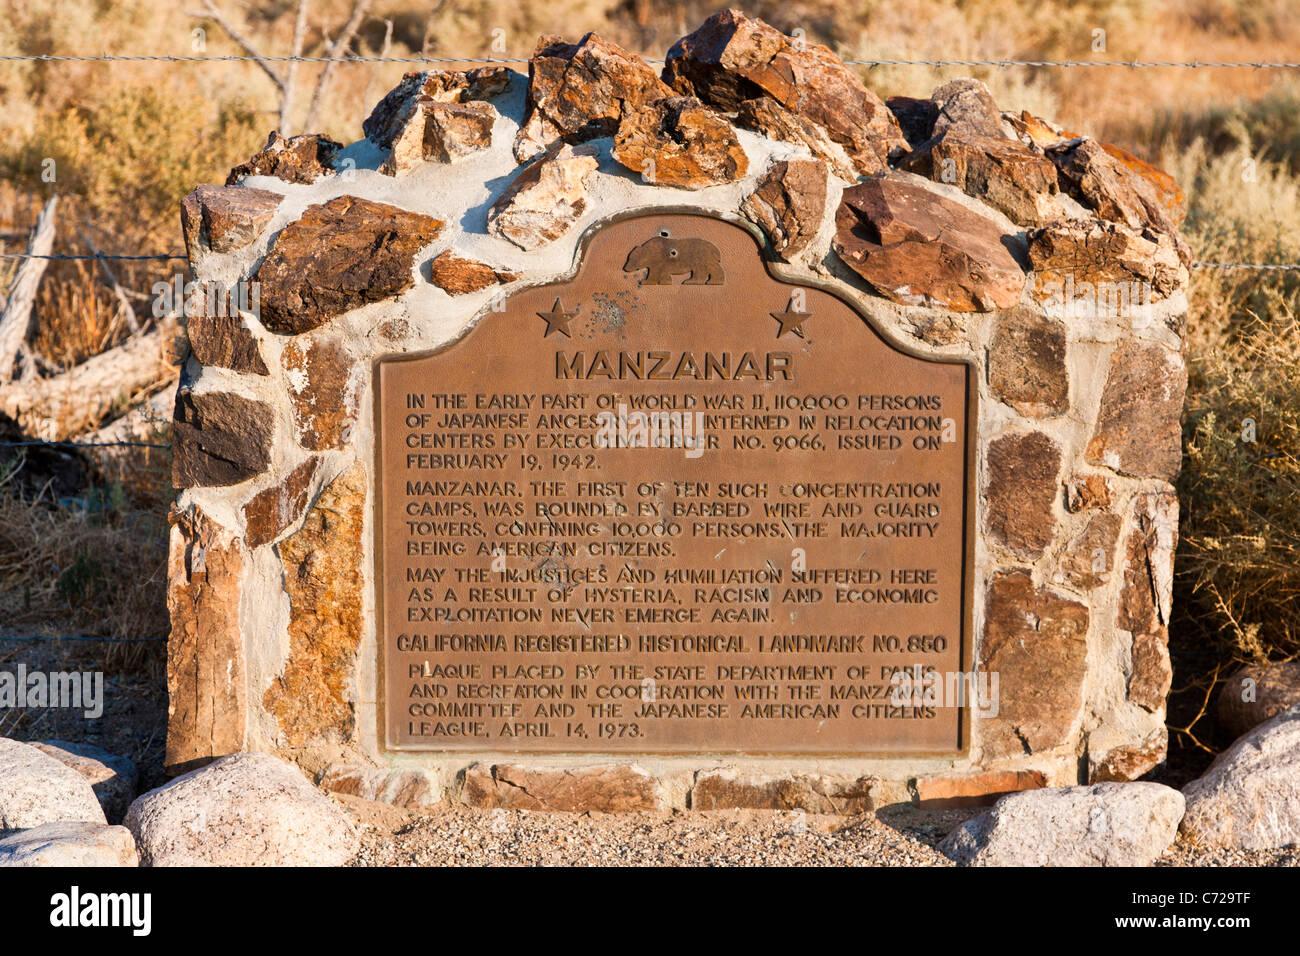 Gedenktafel am Manzanar War Relocation Center, Unabhängigkeit, Kalifornien, USA. JMH5303 Stockbild